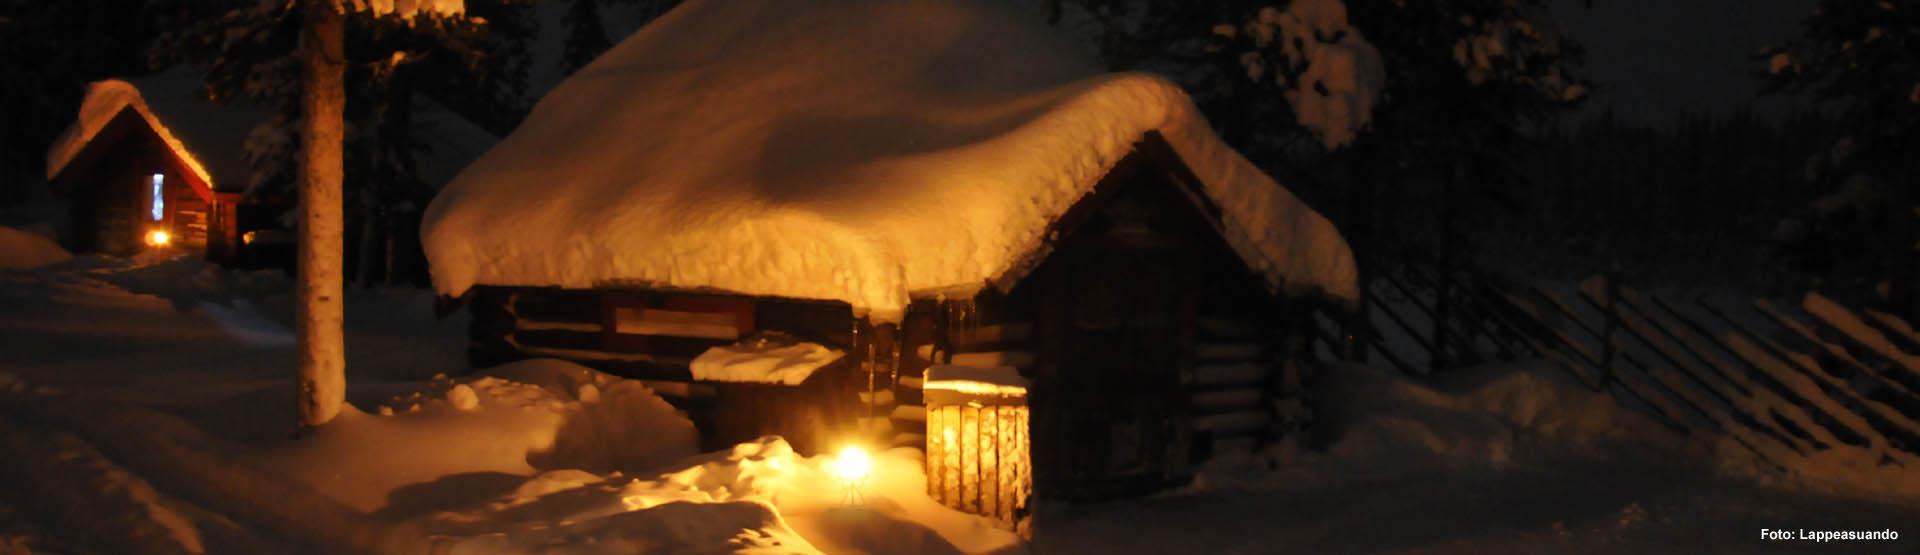 weihnachten in schweden verbringen urlaub buchen. Black Bedroom Furniture Sets. Home Design Ideas